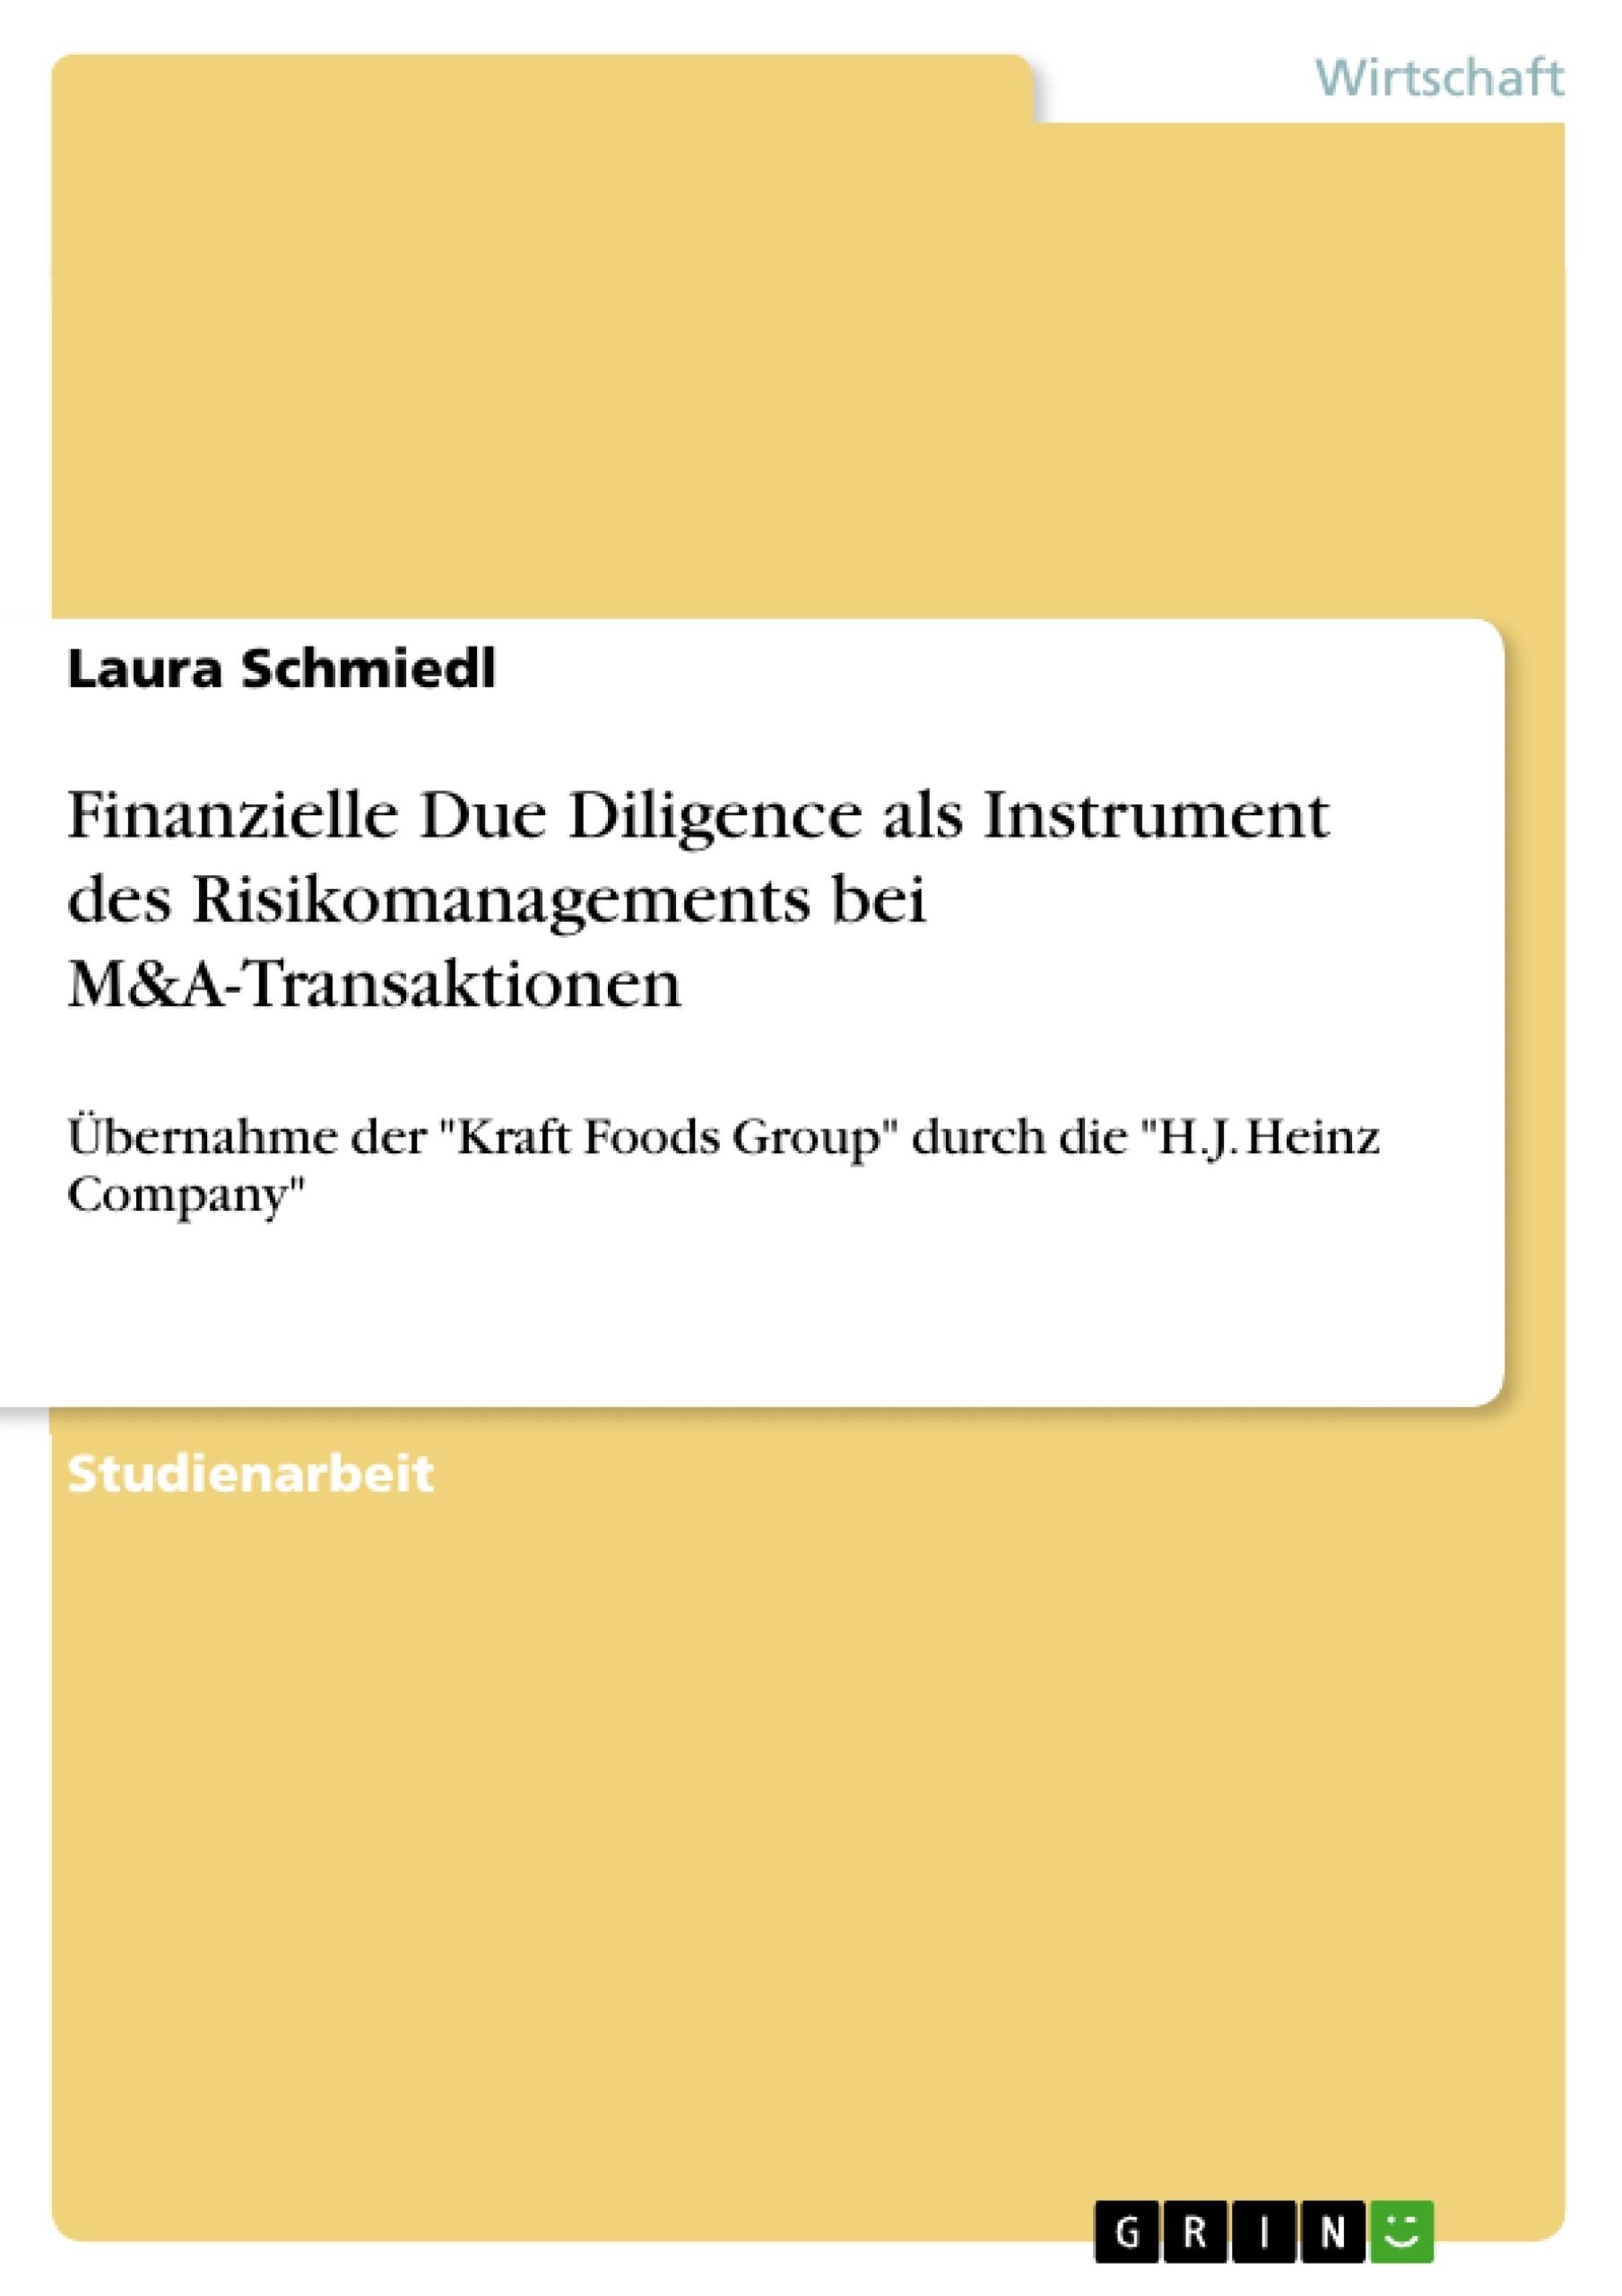 Titel: Finanzielle Due Diligence als Instrument des Risikomanagements bei M&A-Transaktionen